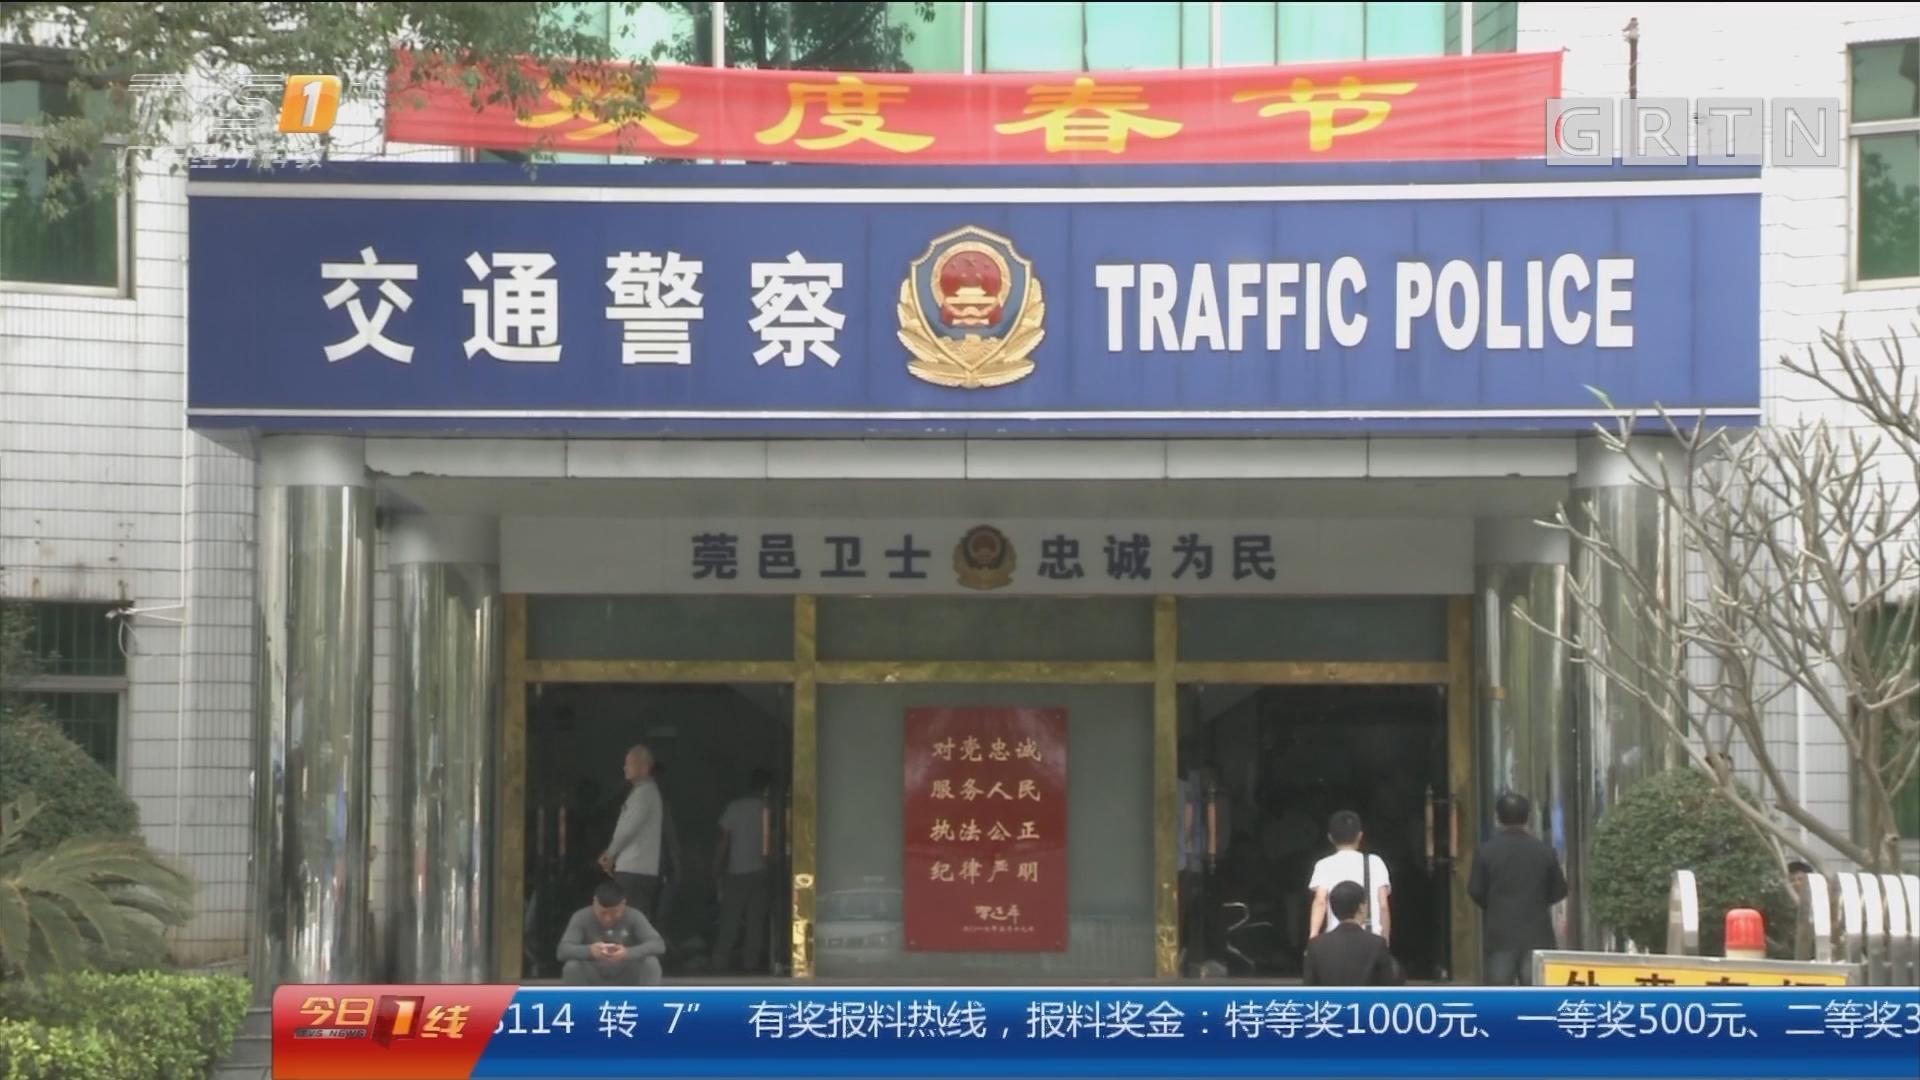 东莞黄江:交警门前起争执 报警反双双被拘?